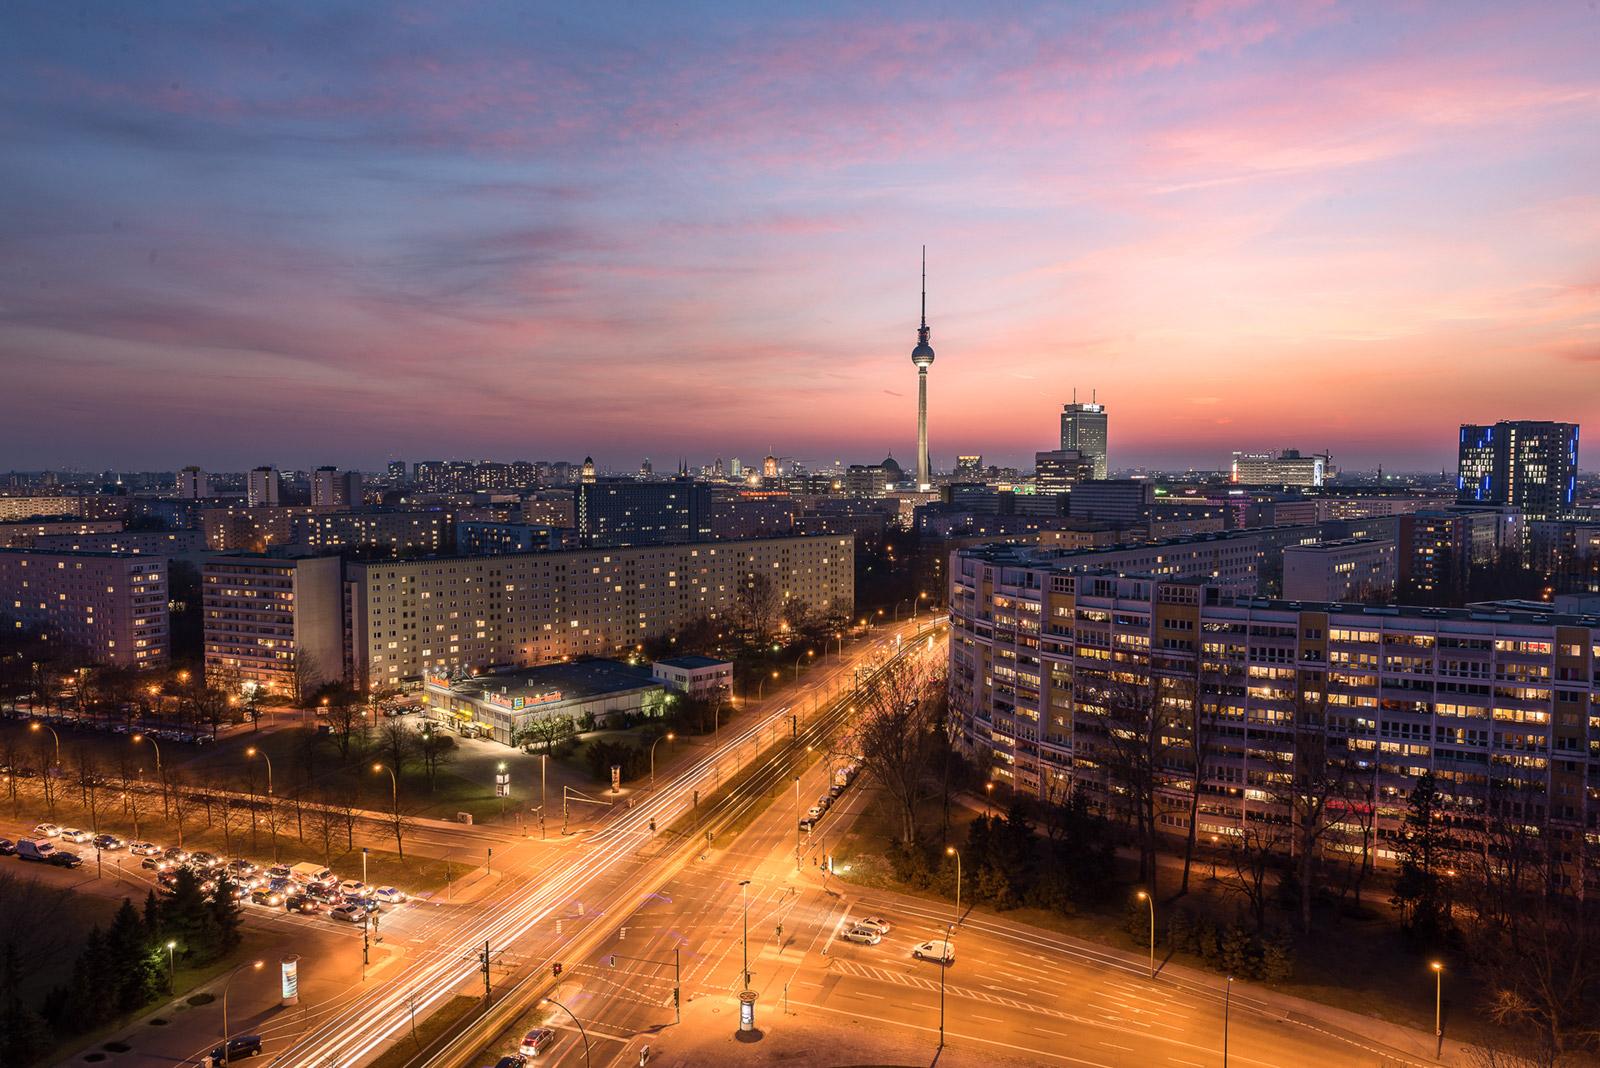 Platz der vereinten Nationen in Berlin - Stefan Schäfer Landschaftsfotograf